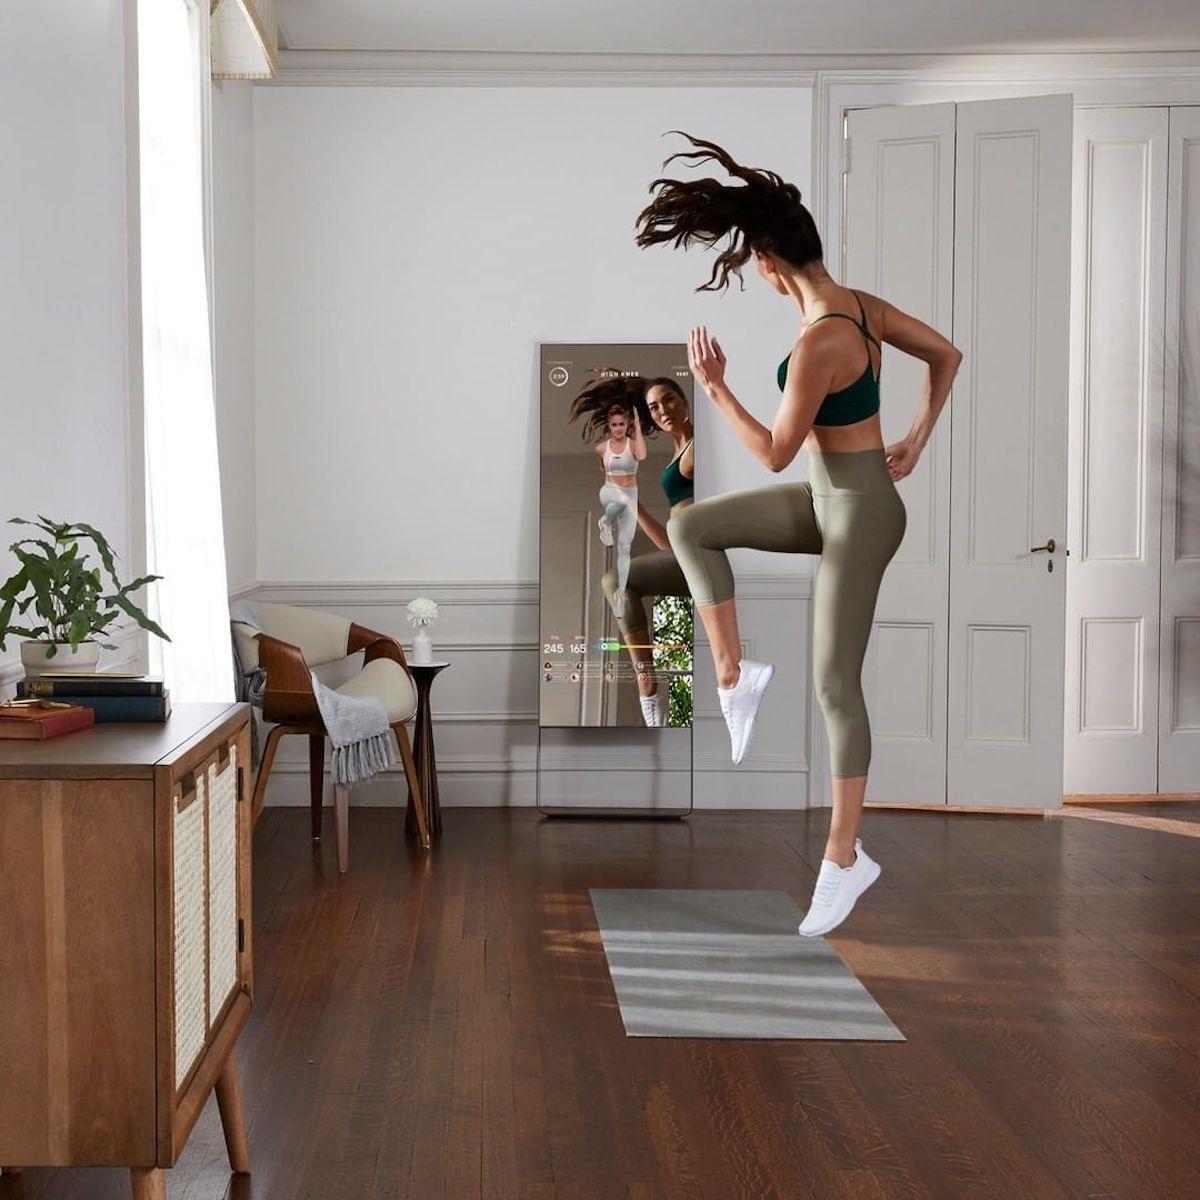 Mirror - startup sở hữu sản phẩm gương giúp tập thể dục tại nhà, vừa được mua lại với giá 500 triệu USD.